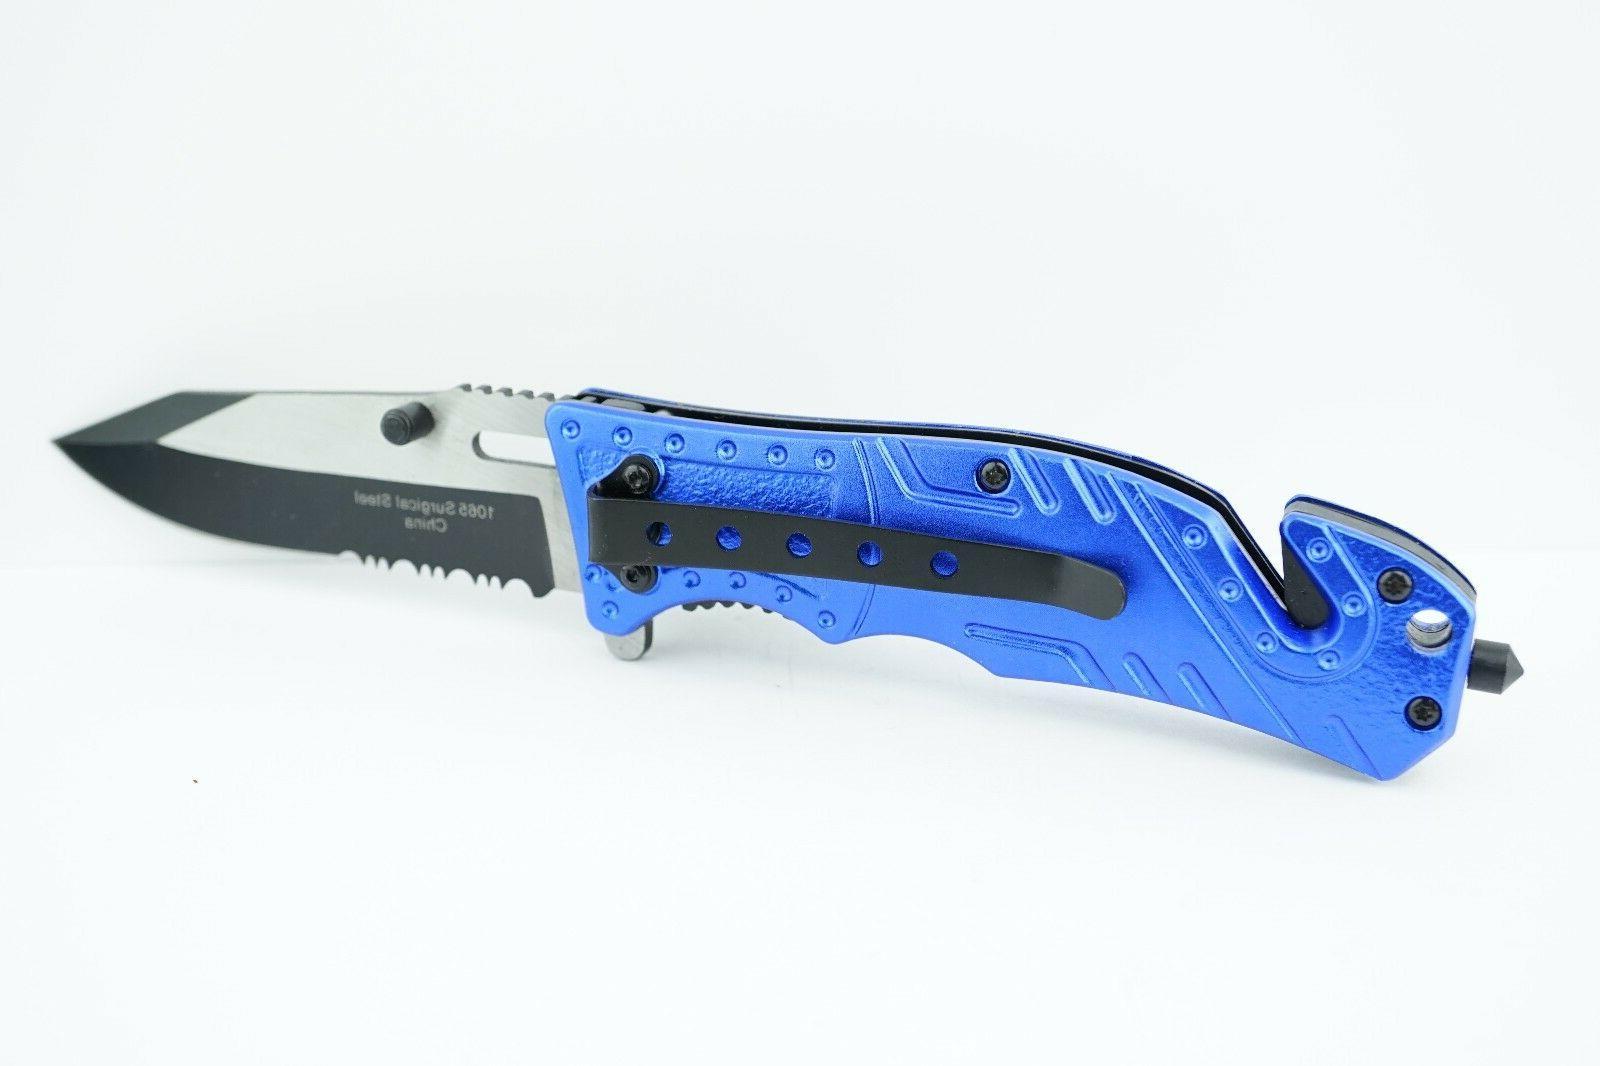 Wartech Rescue Open Folding Pocket Knife BLUE